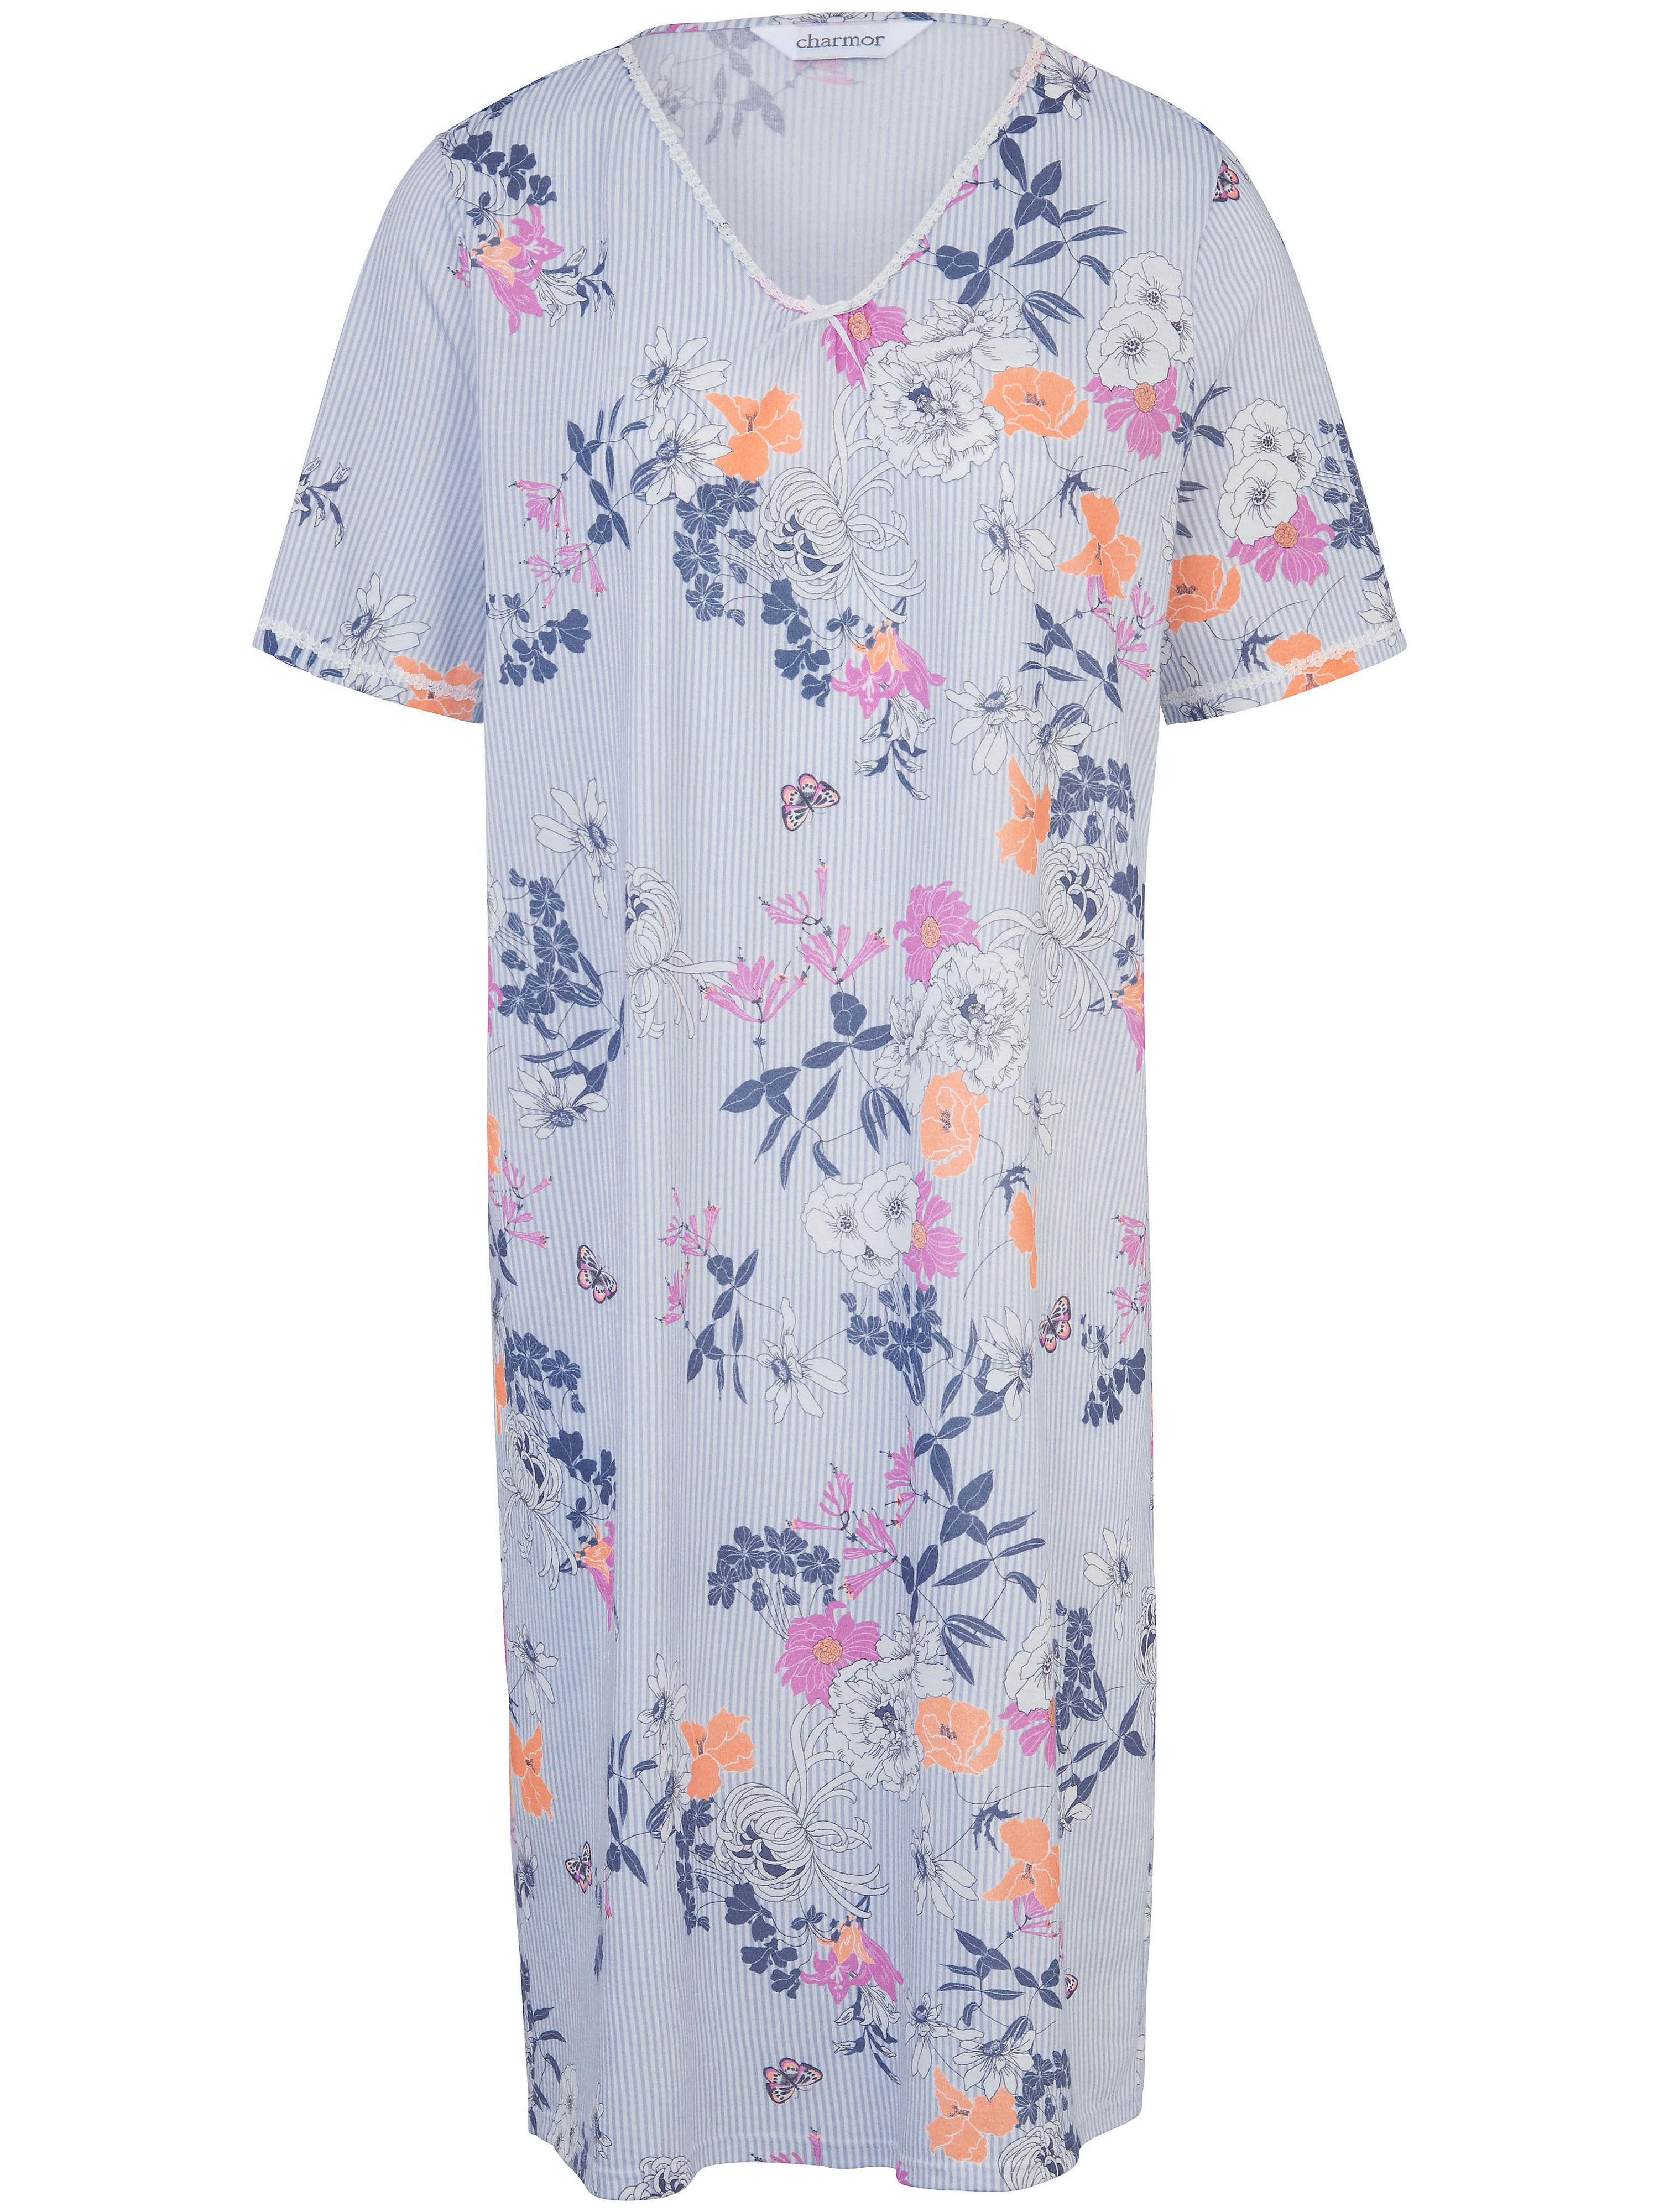 La chemise nuit imprimée, manches courtes  Charmor multicolore